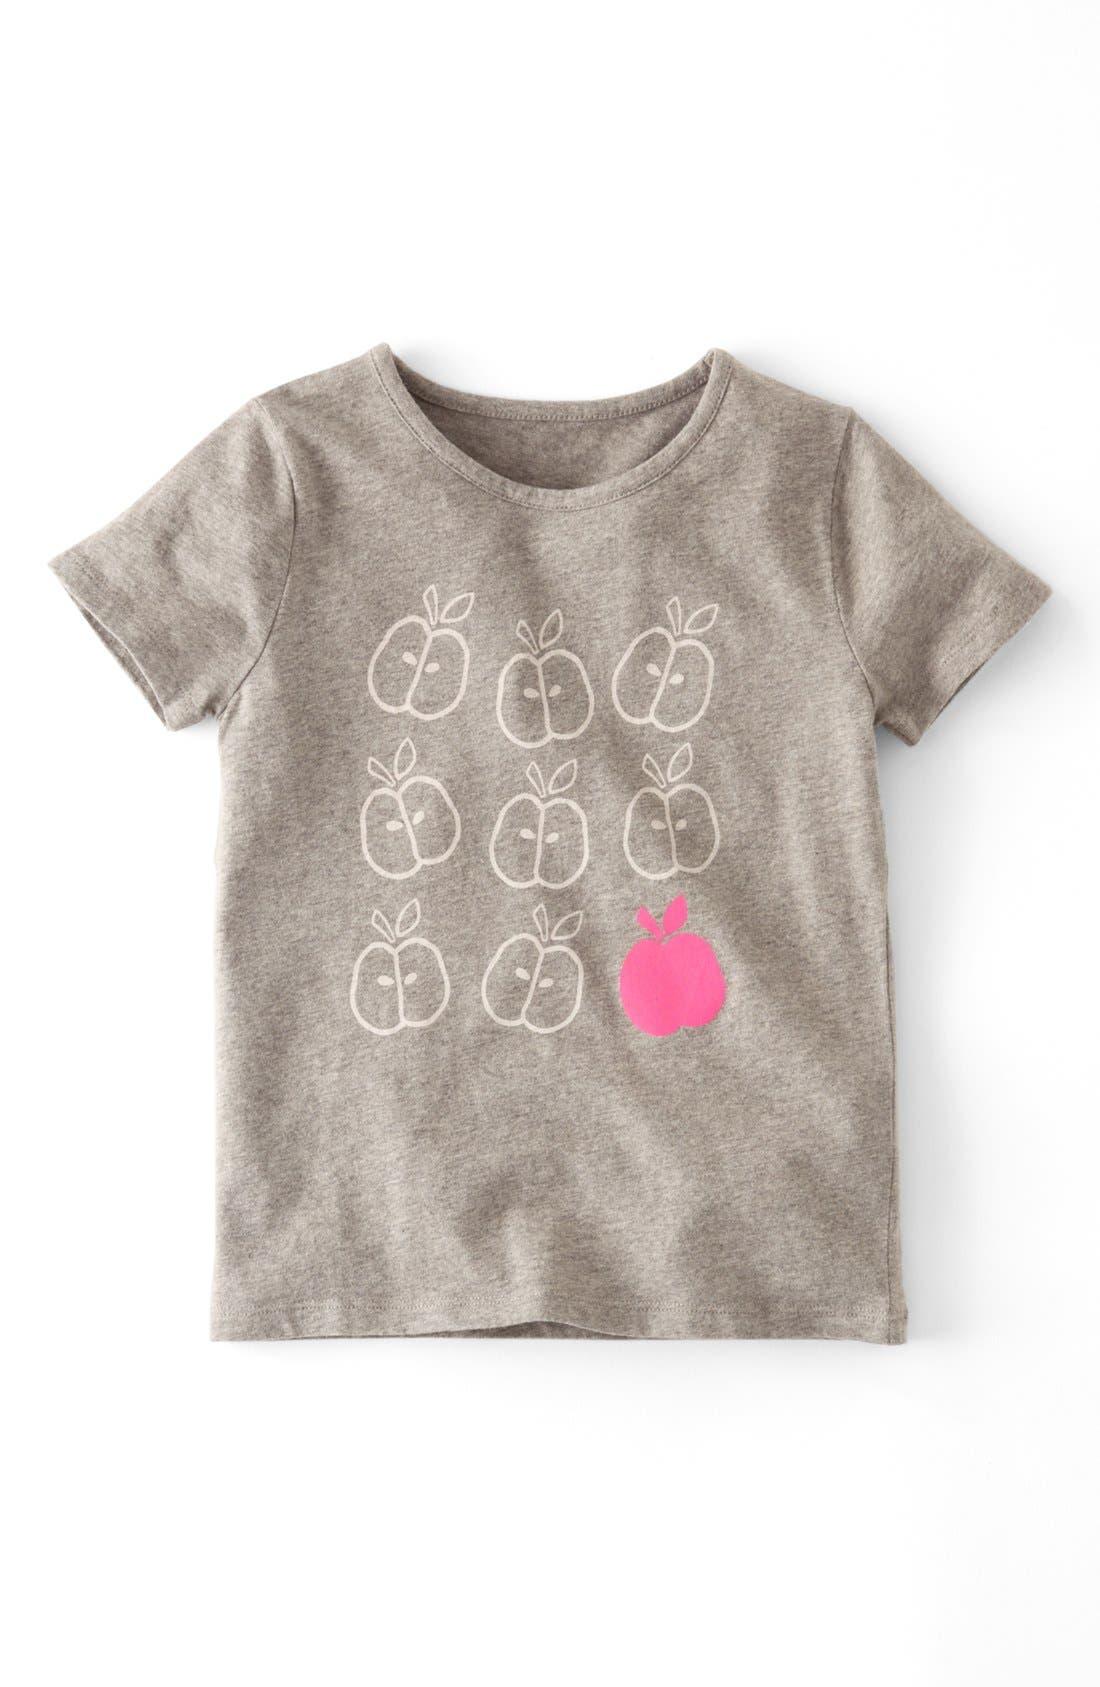 Alternate Image 1 Selected - Mini Boden Short Sleeve T-Shirt (Toddler Girls, Little Girls & Big Girls)(Online Only)